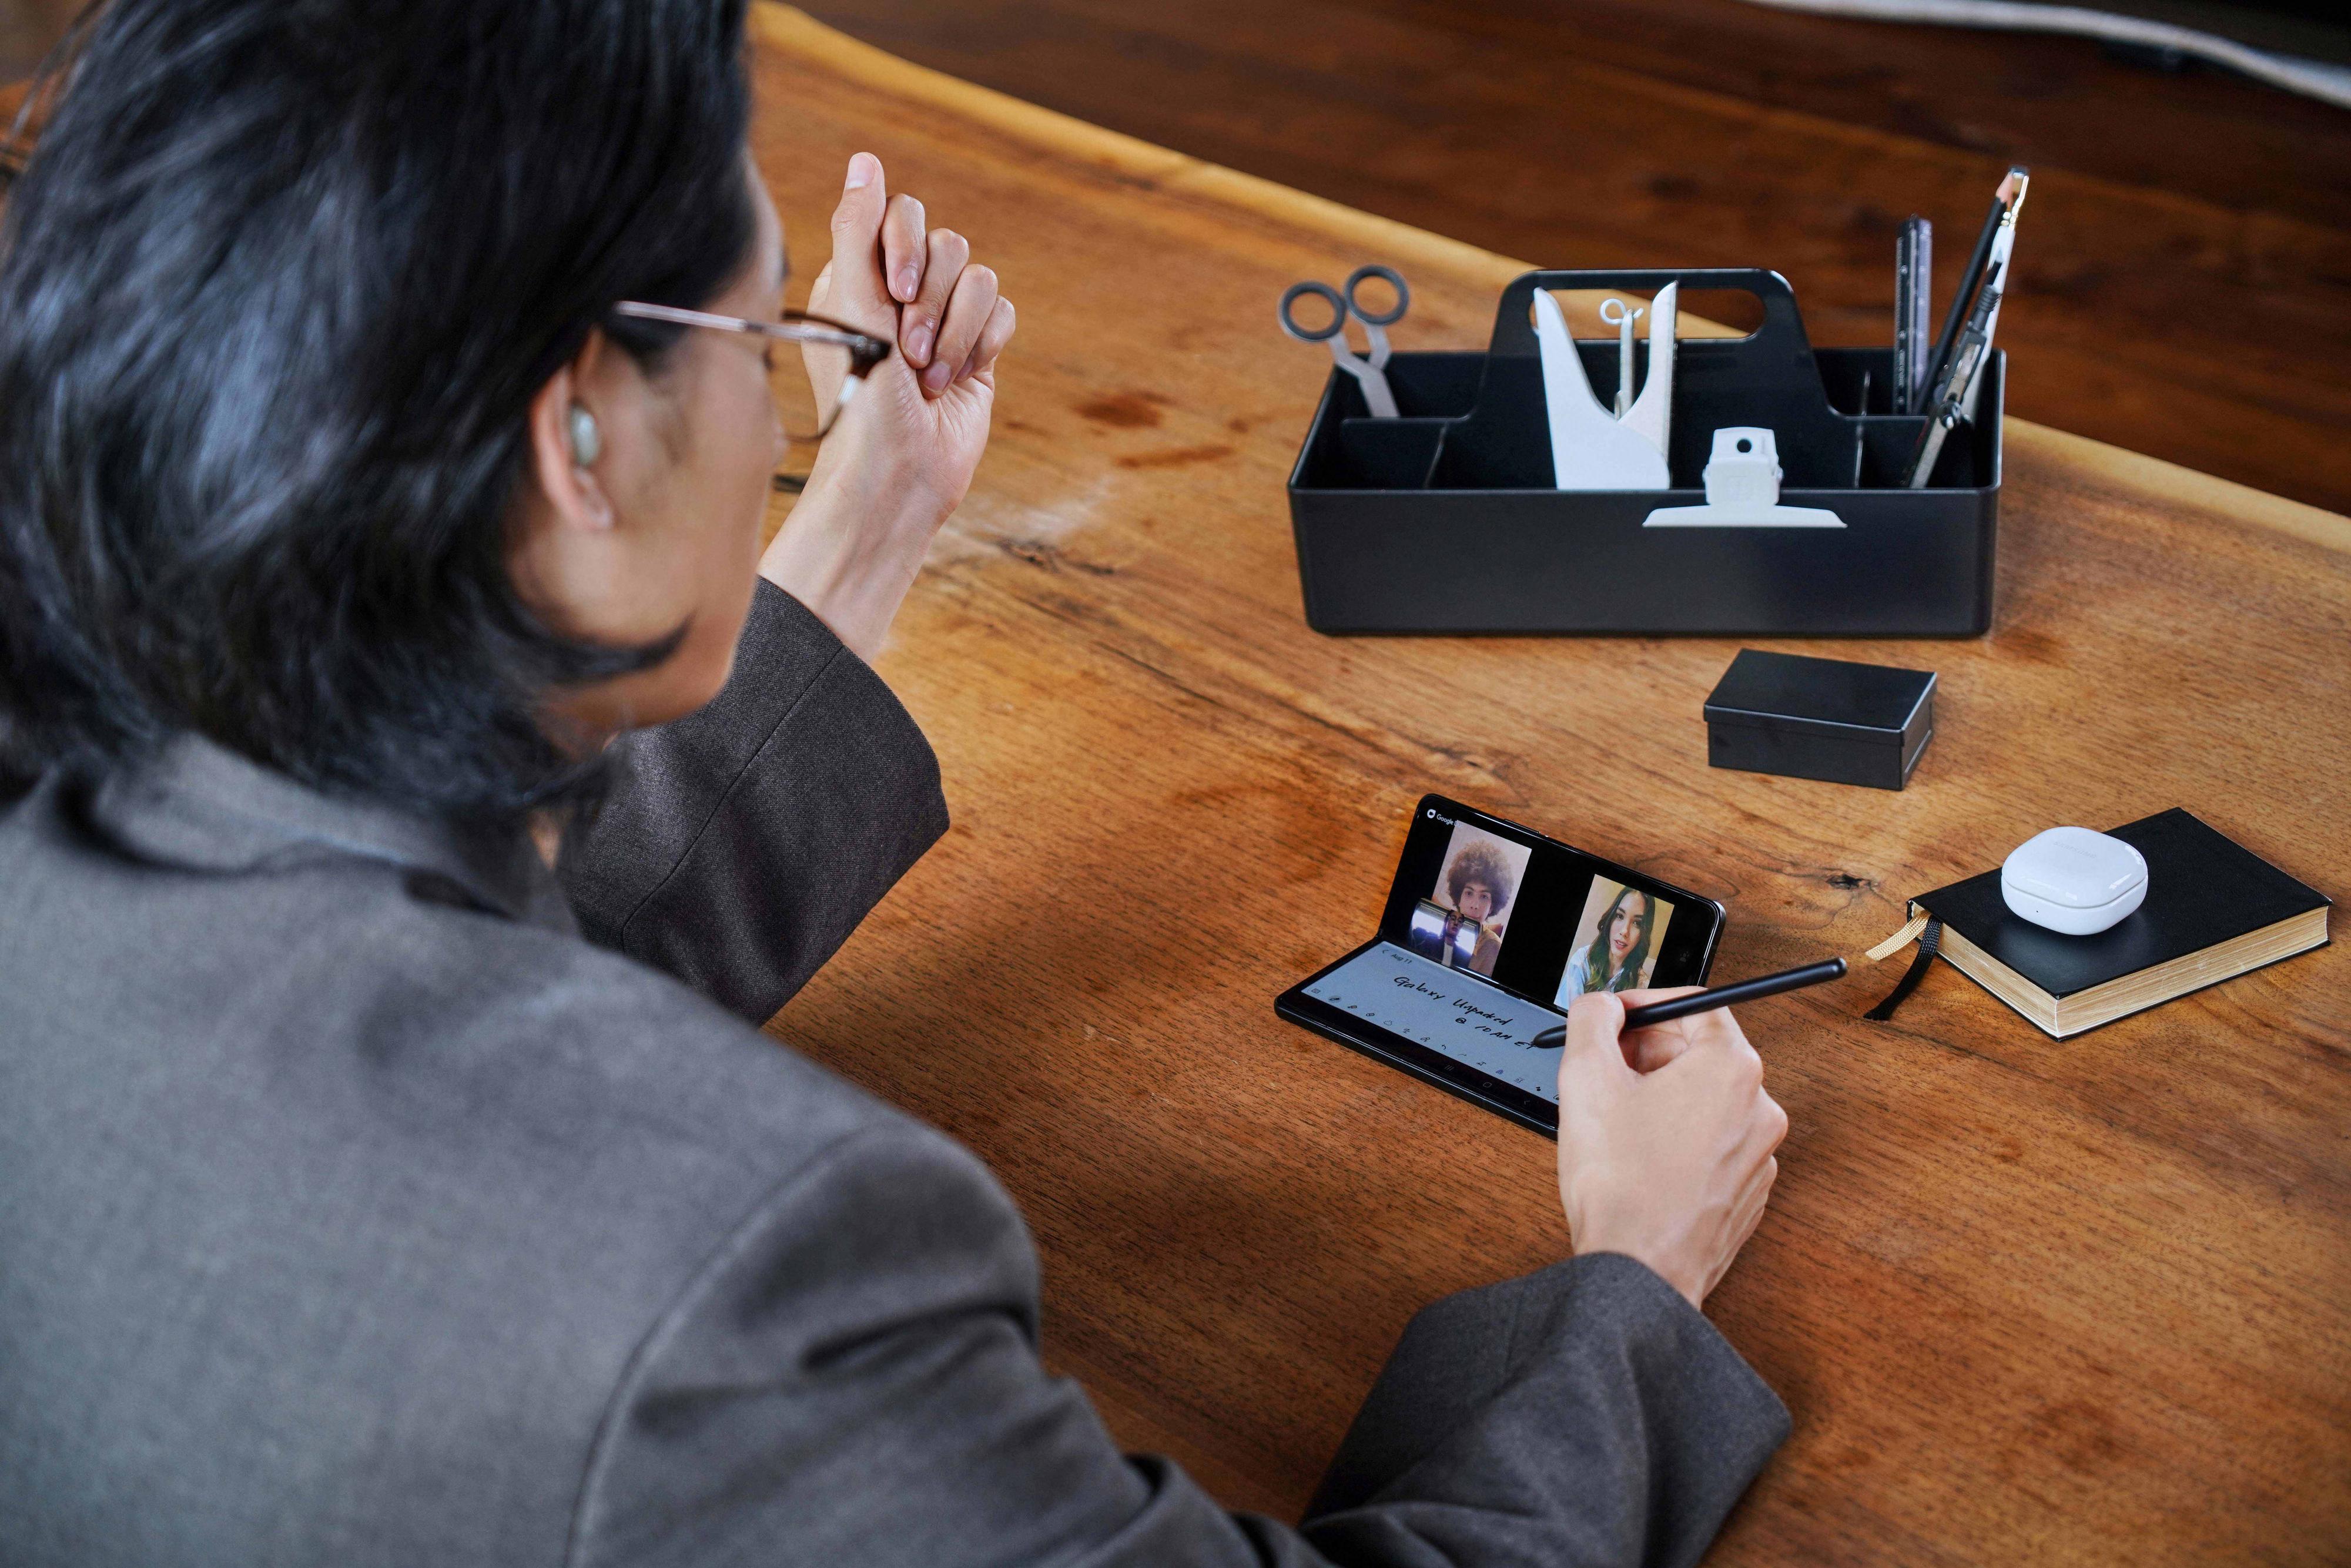 I flere av brettemobilene sine har Samsung lagt vekt på nye måter å bruke telefonene på - gjerne som halvt utbrettet og sine egne stativ på bordet foran eieren.